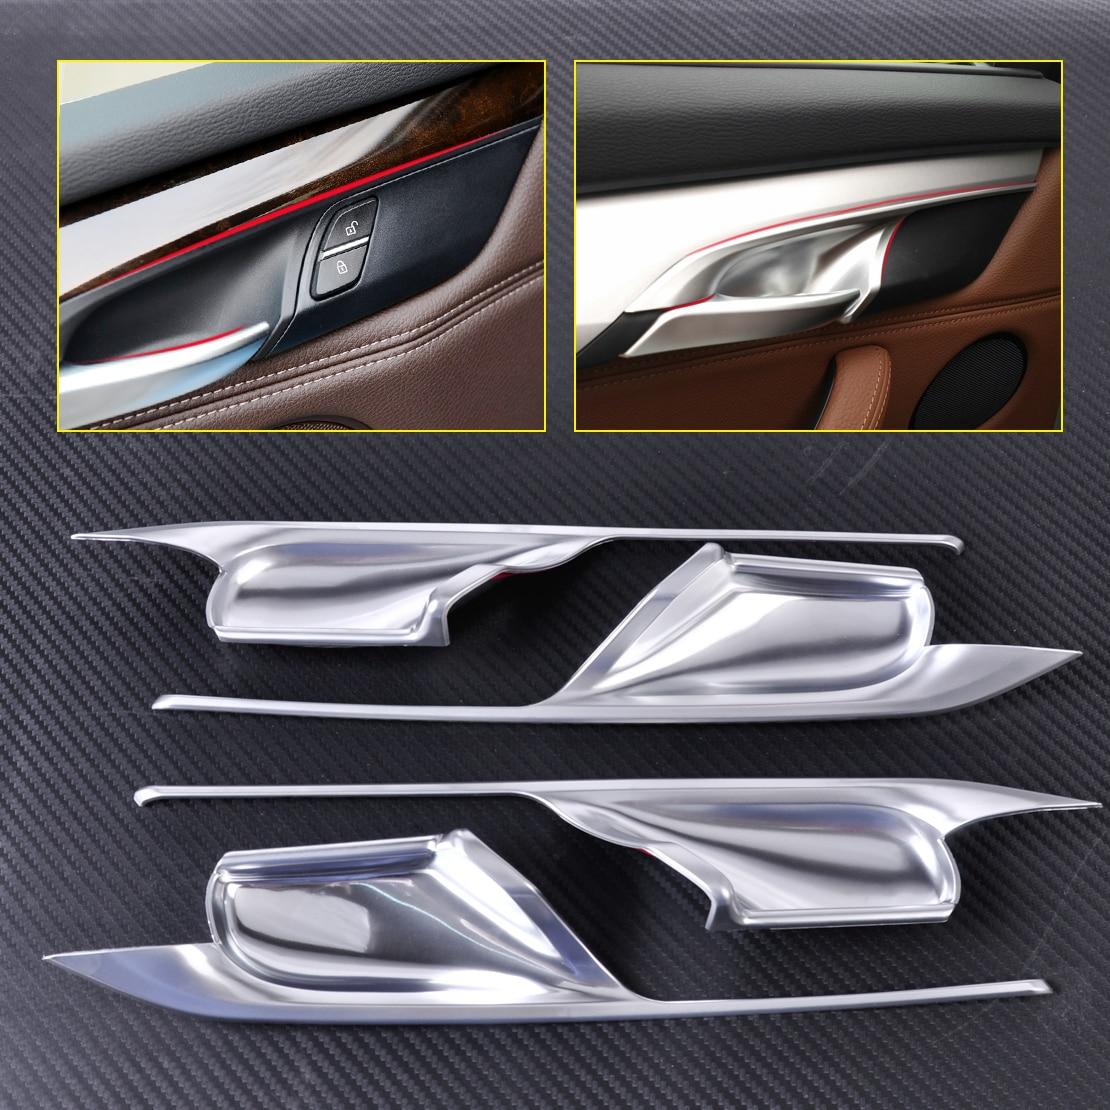 Citall car styling 4 unids mate cromado interior puerta manija bol ajuste de la cubierta decoraci n